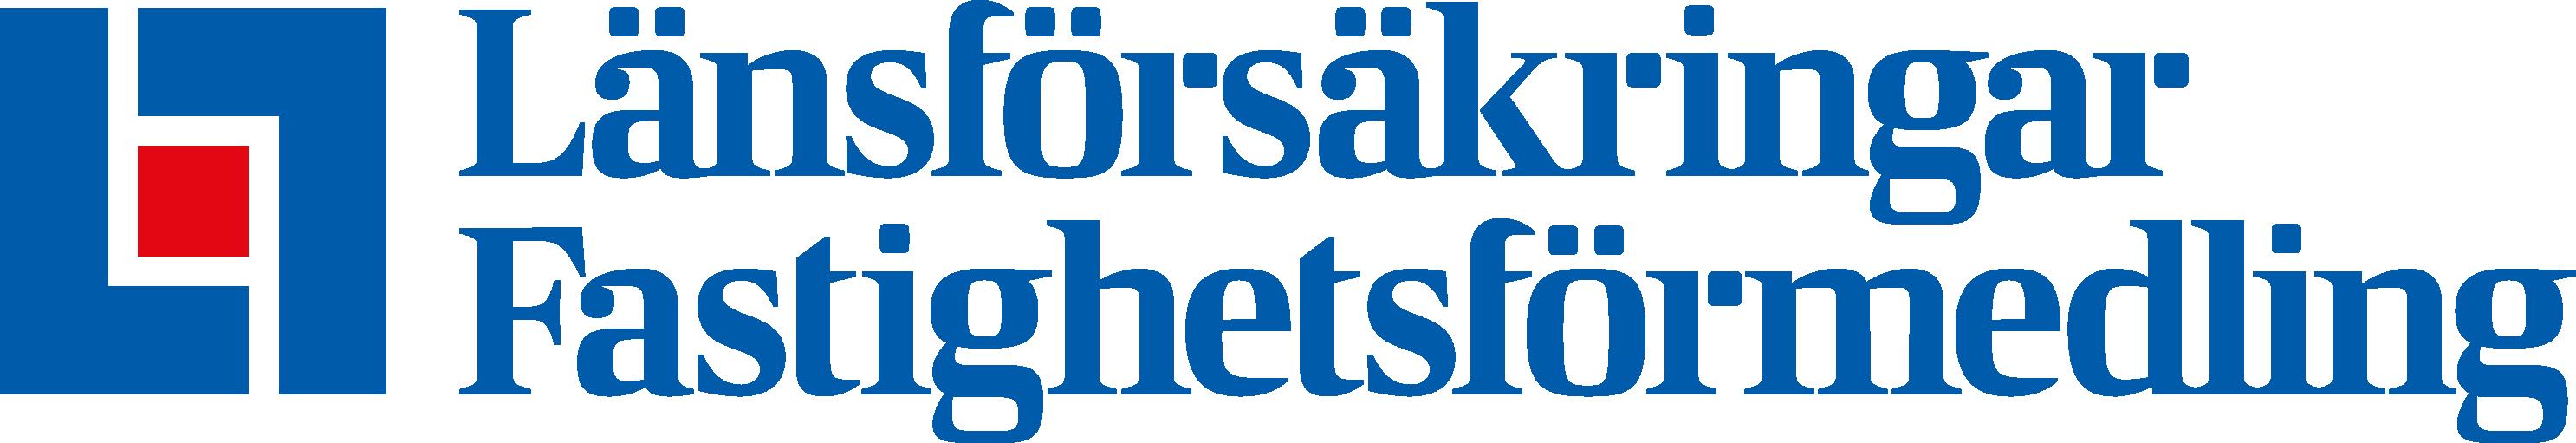 LF_Logo_Fastighetsformedling_Vanster_CMYK